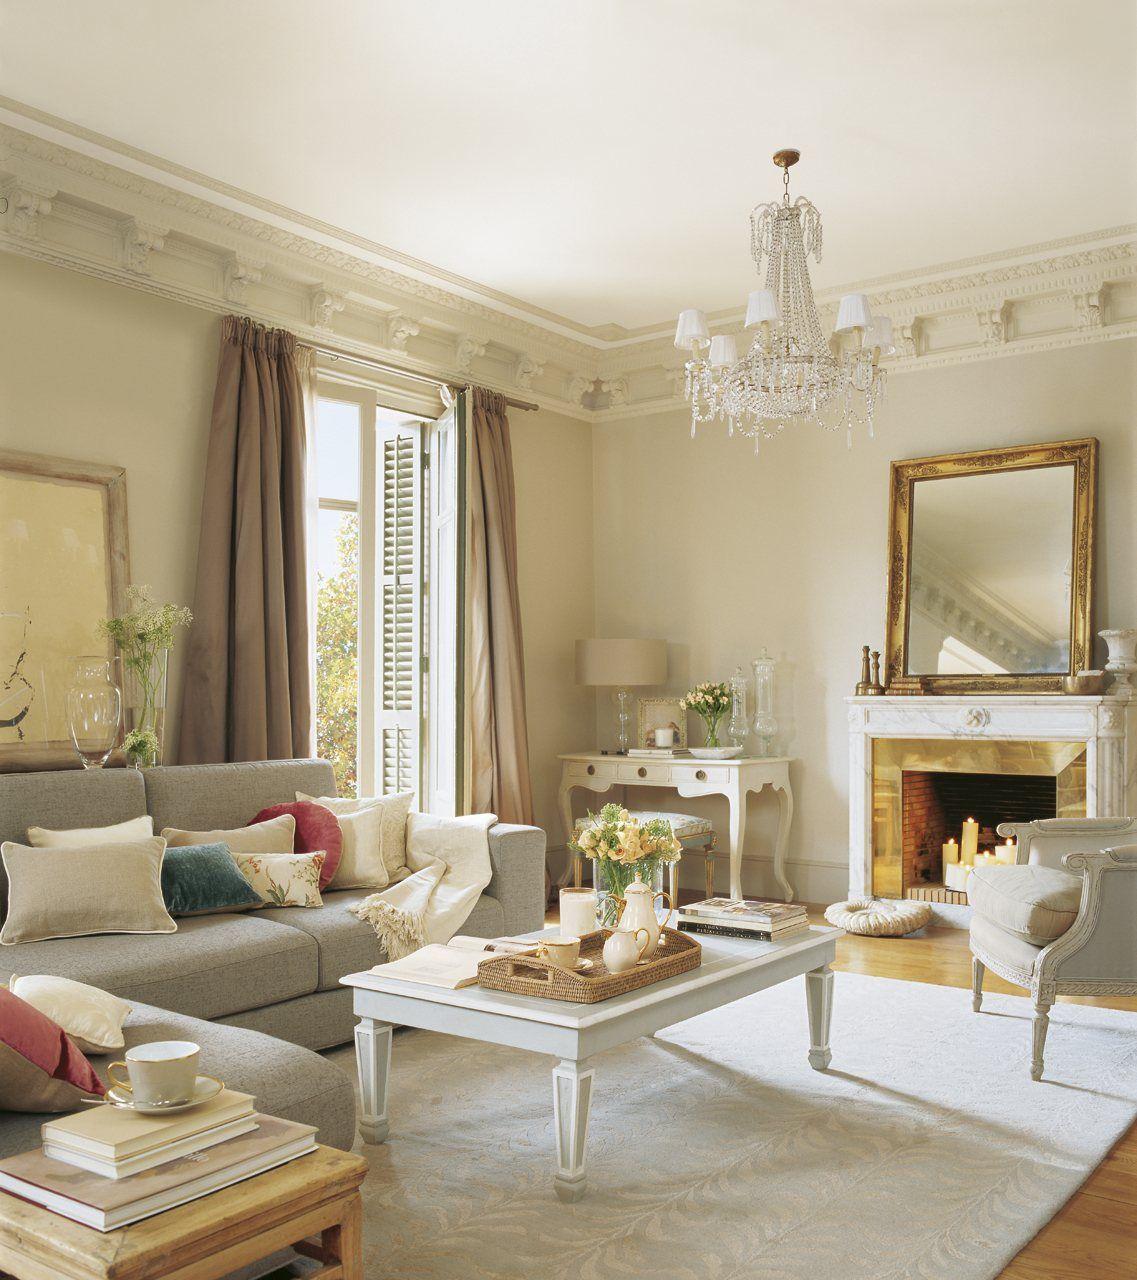 12 ideas para crear un sal n m s acogedor salas modernas - Complementos decoracion salon ...